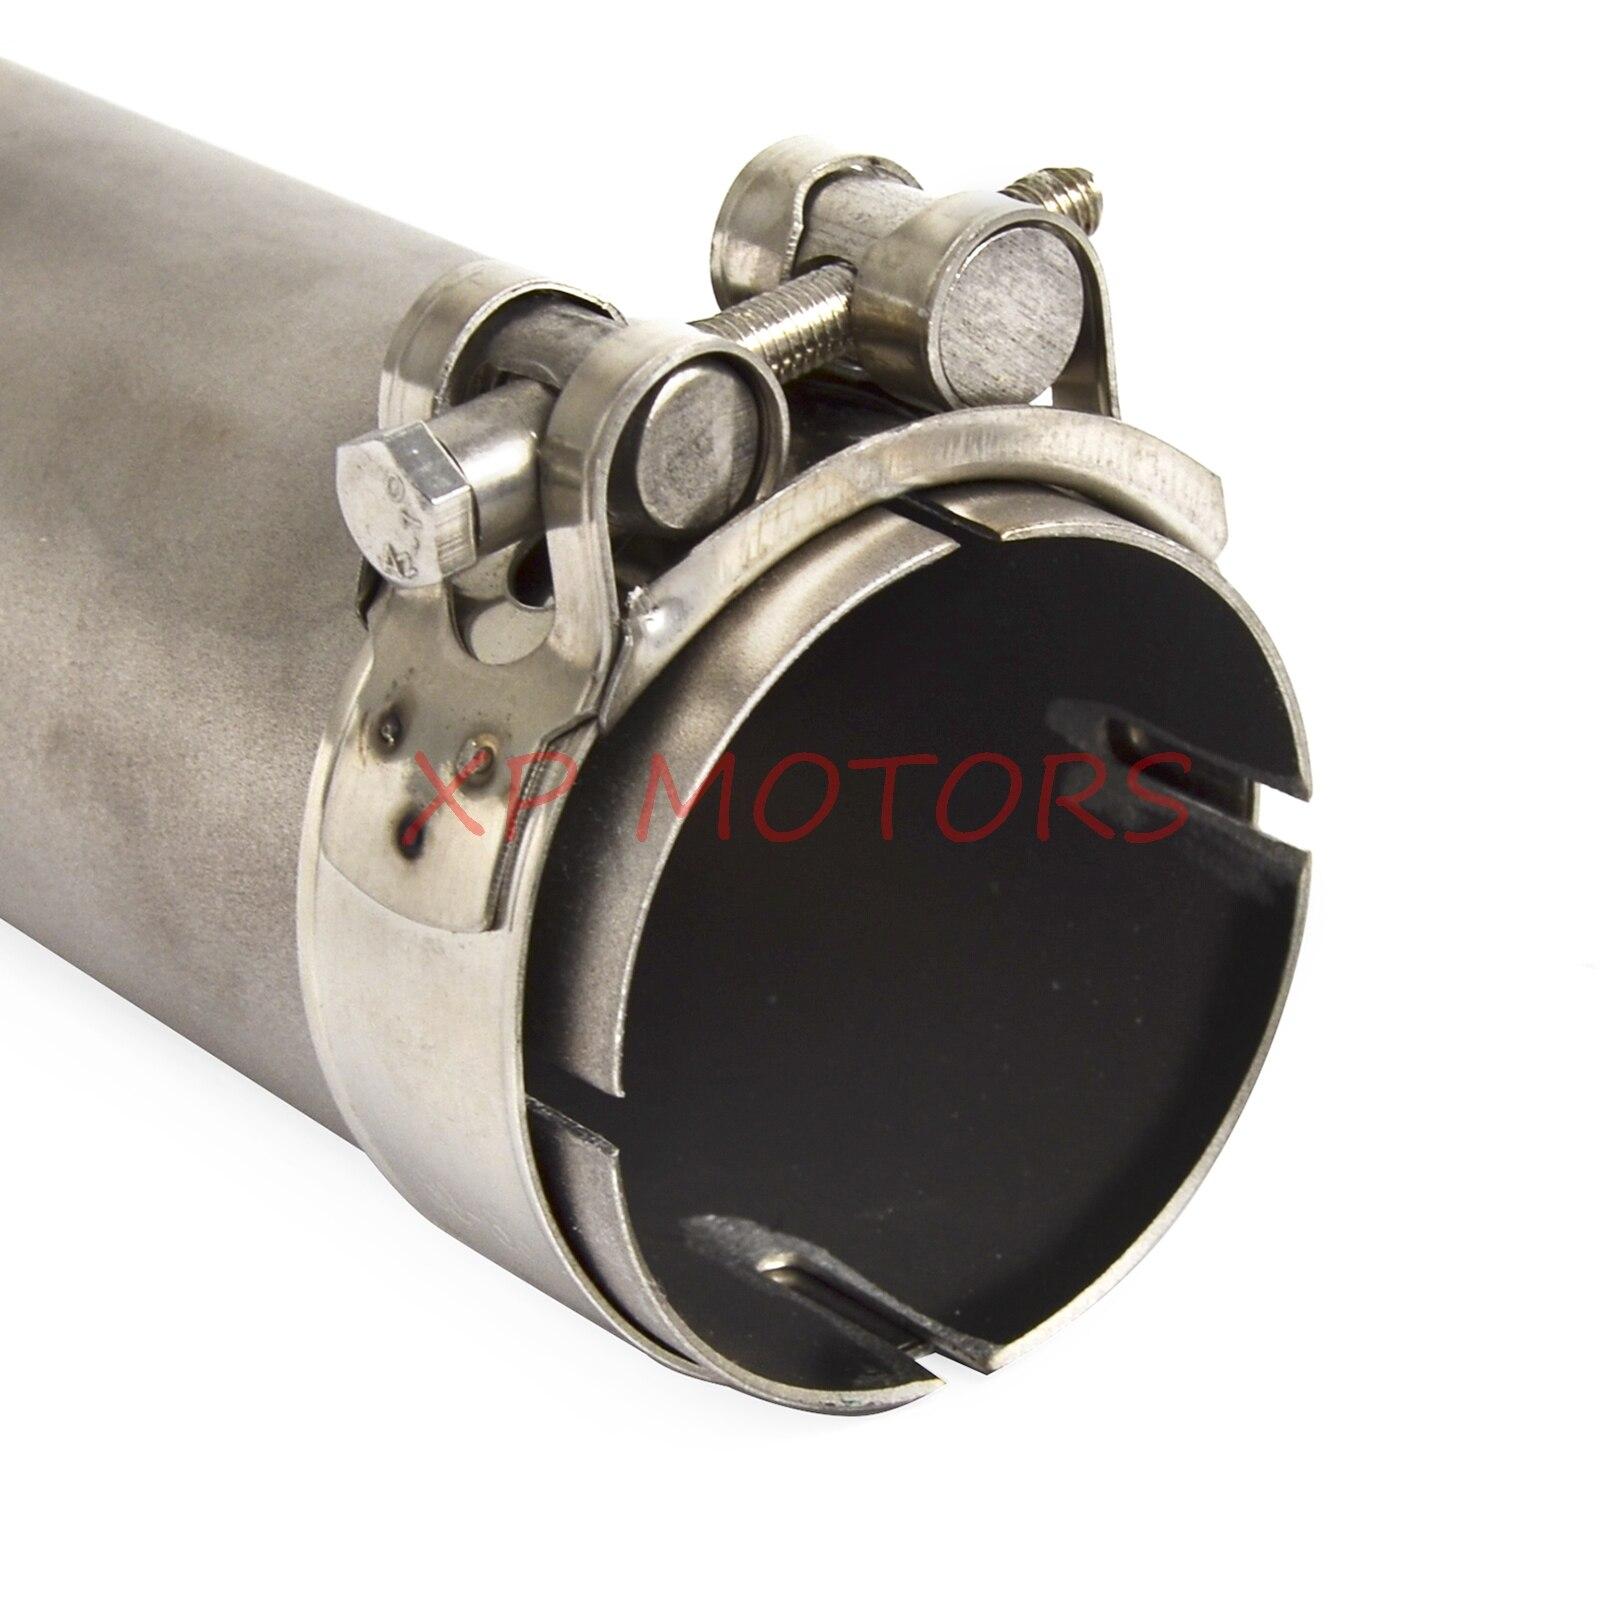 Для bwm 09-16 S1000RR S1000R 14-16 и все 61мм скольжения на тип глушители из нержавеющей стали глушитель выхлопных труб средний быстрая доставка